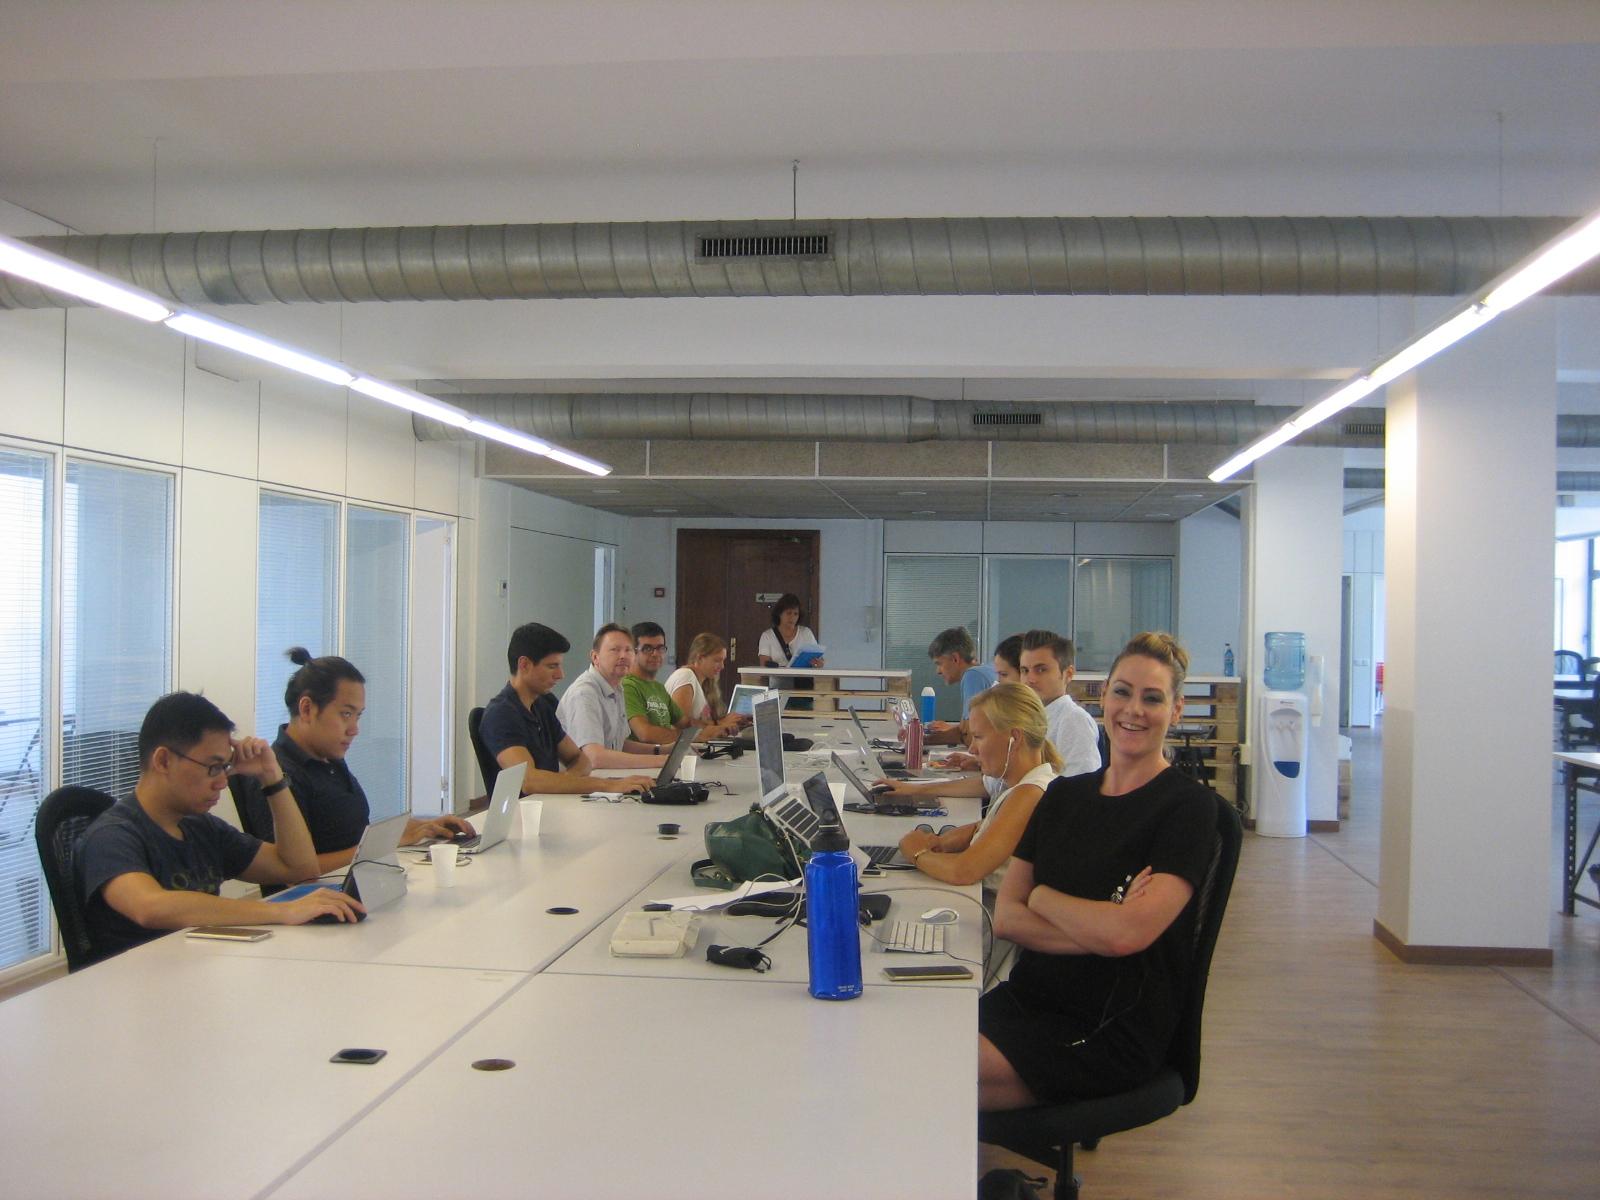 Alquiler de mesas coworking en Barcelona